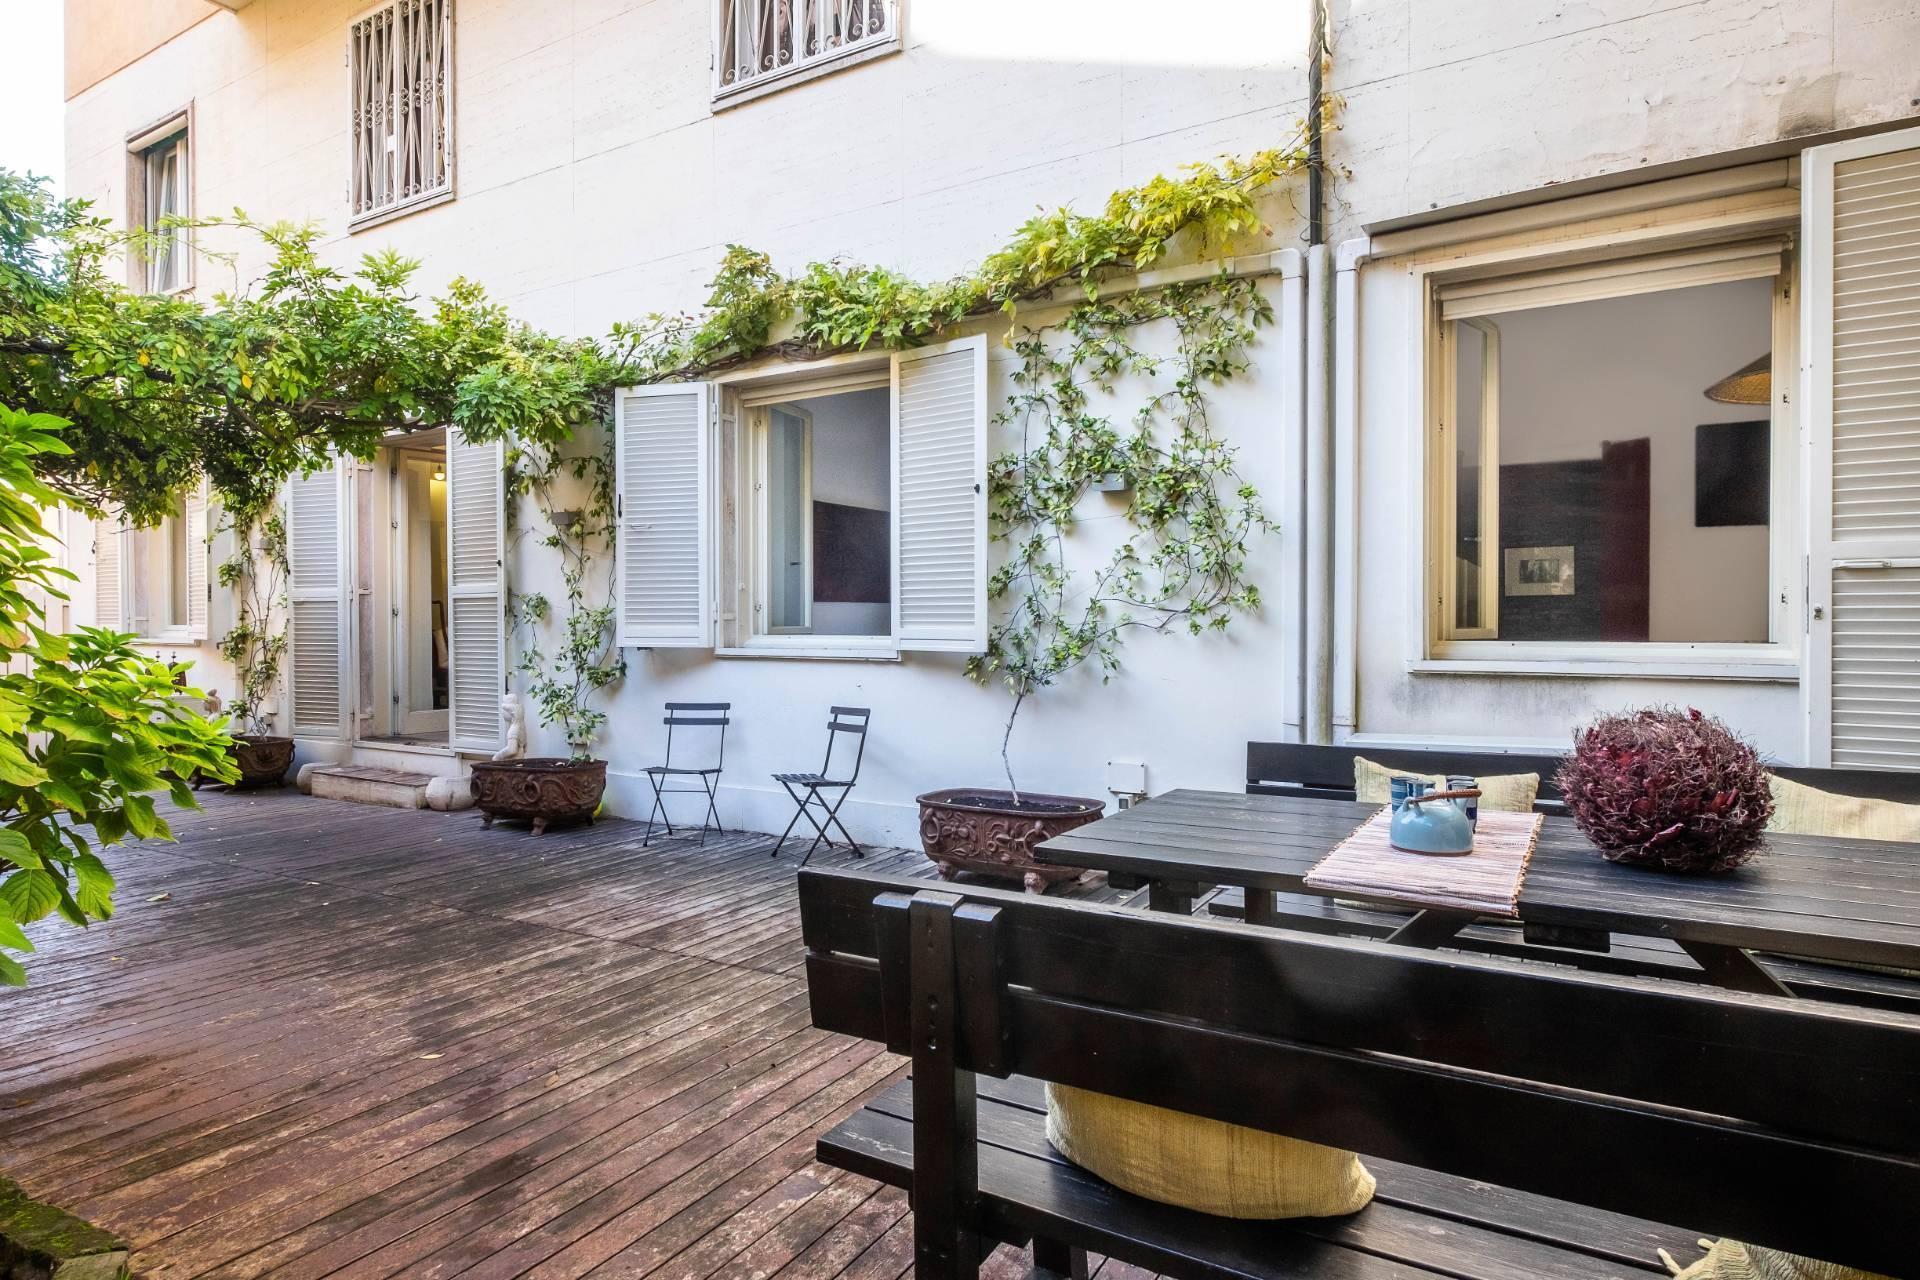 Appartamento all'Aventino con incantevole giardino privato - 1